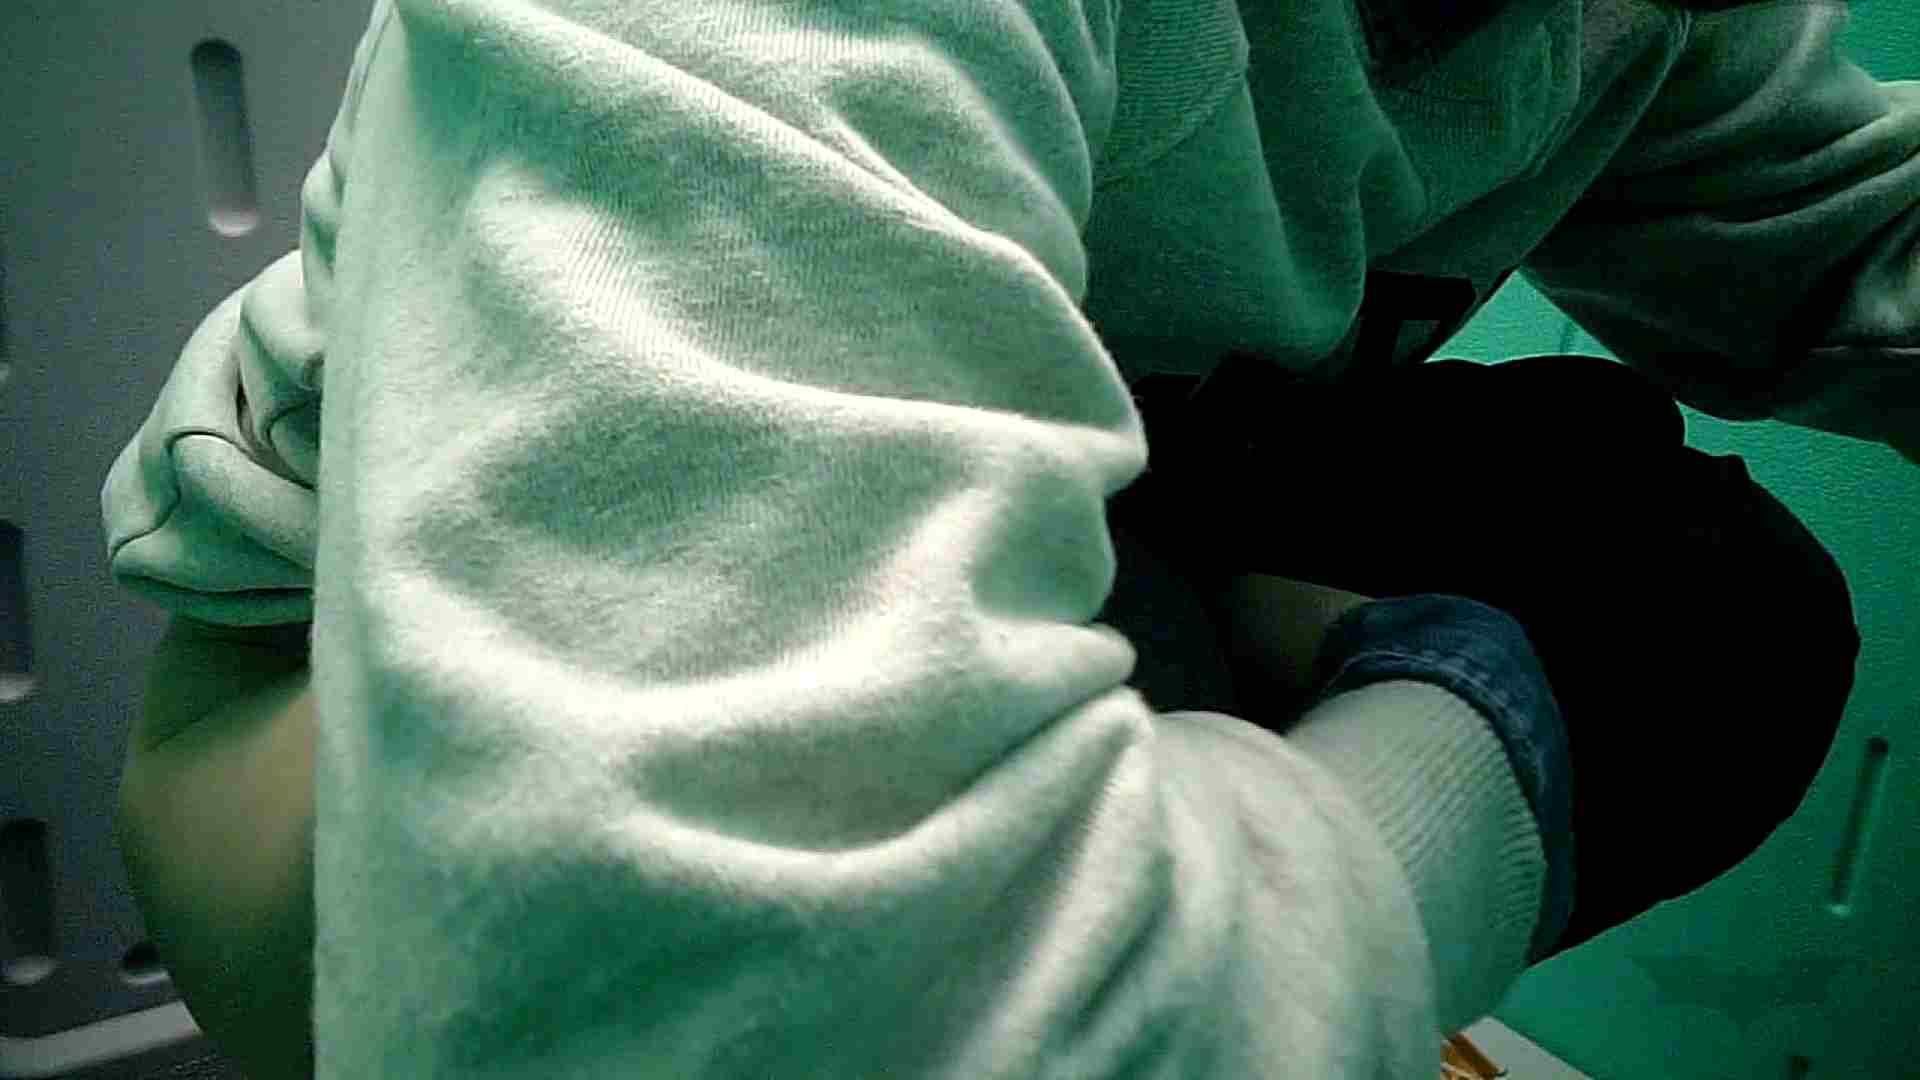 痴態洗面所 Vol.08 たっぷり汚トイレ トイレのぞき すけべAV動画紹介 96画像 71